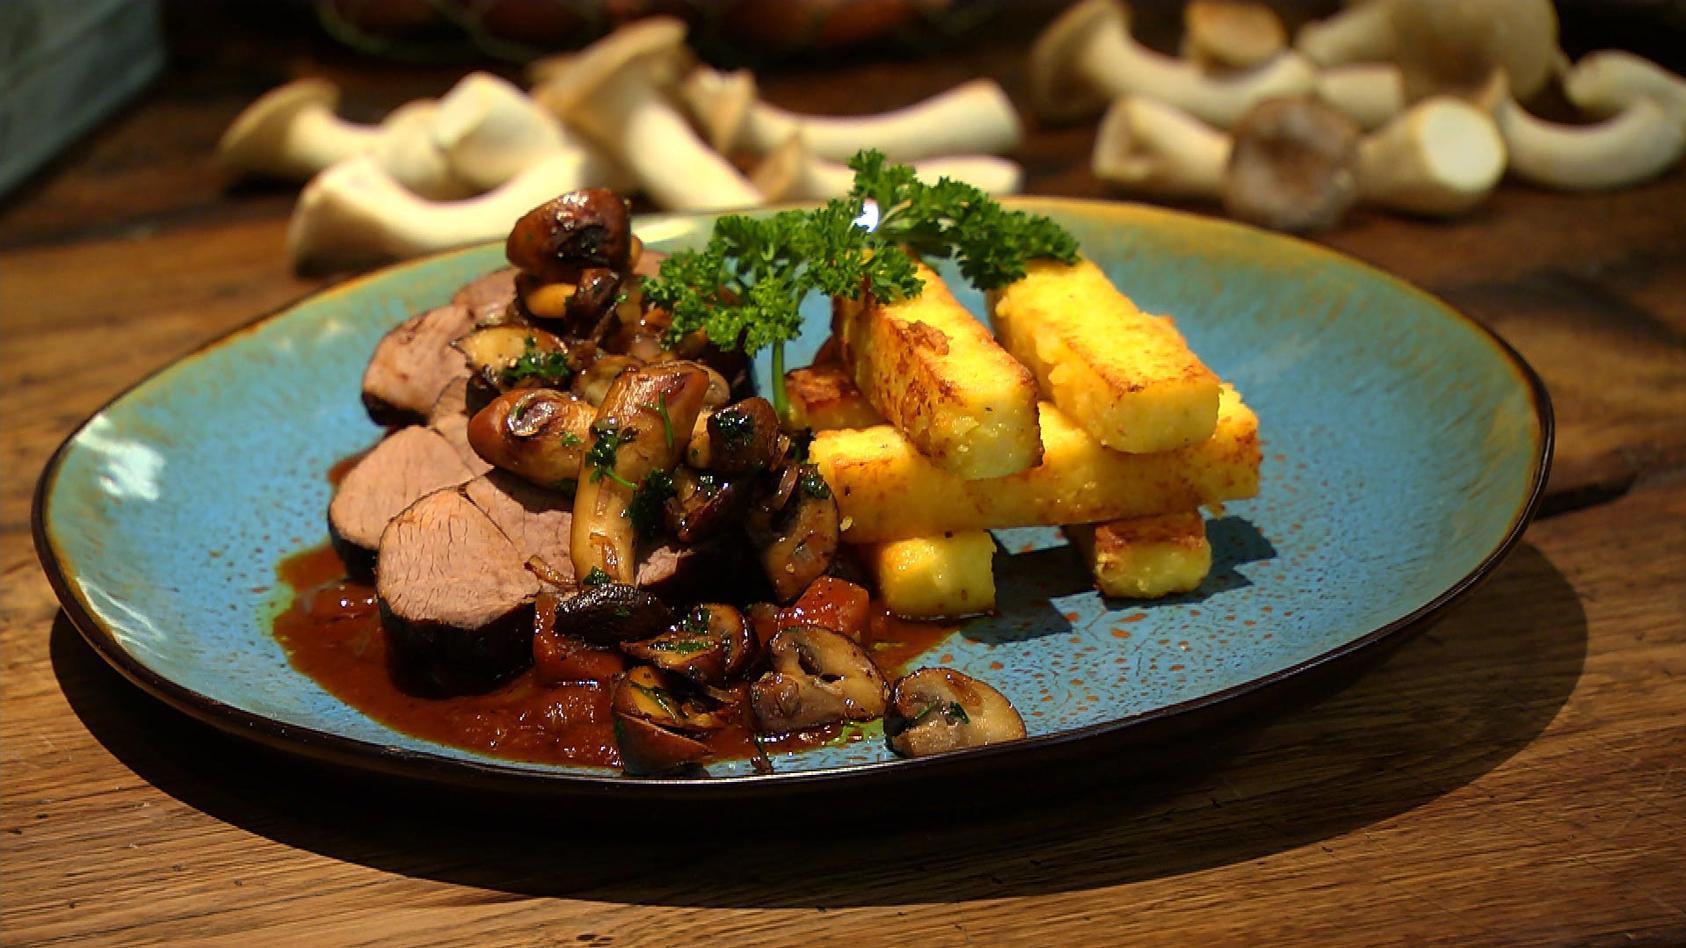 Spitzenküche so simpel, so lecker: Hirschkeule in Pilzsauce mit Polenta-Pommes